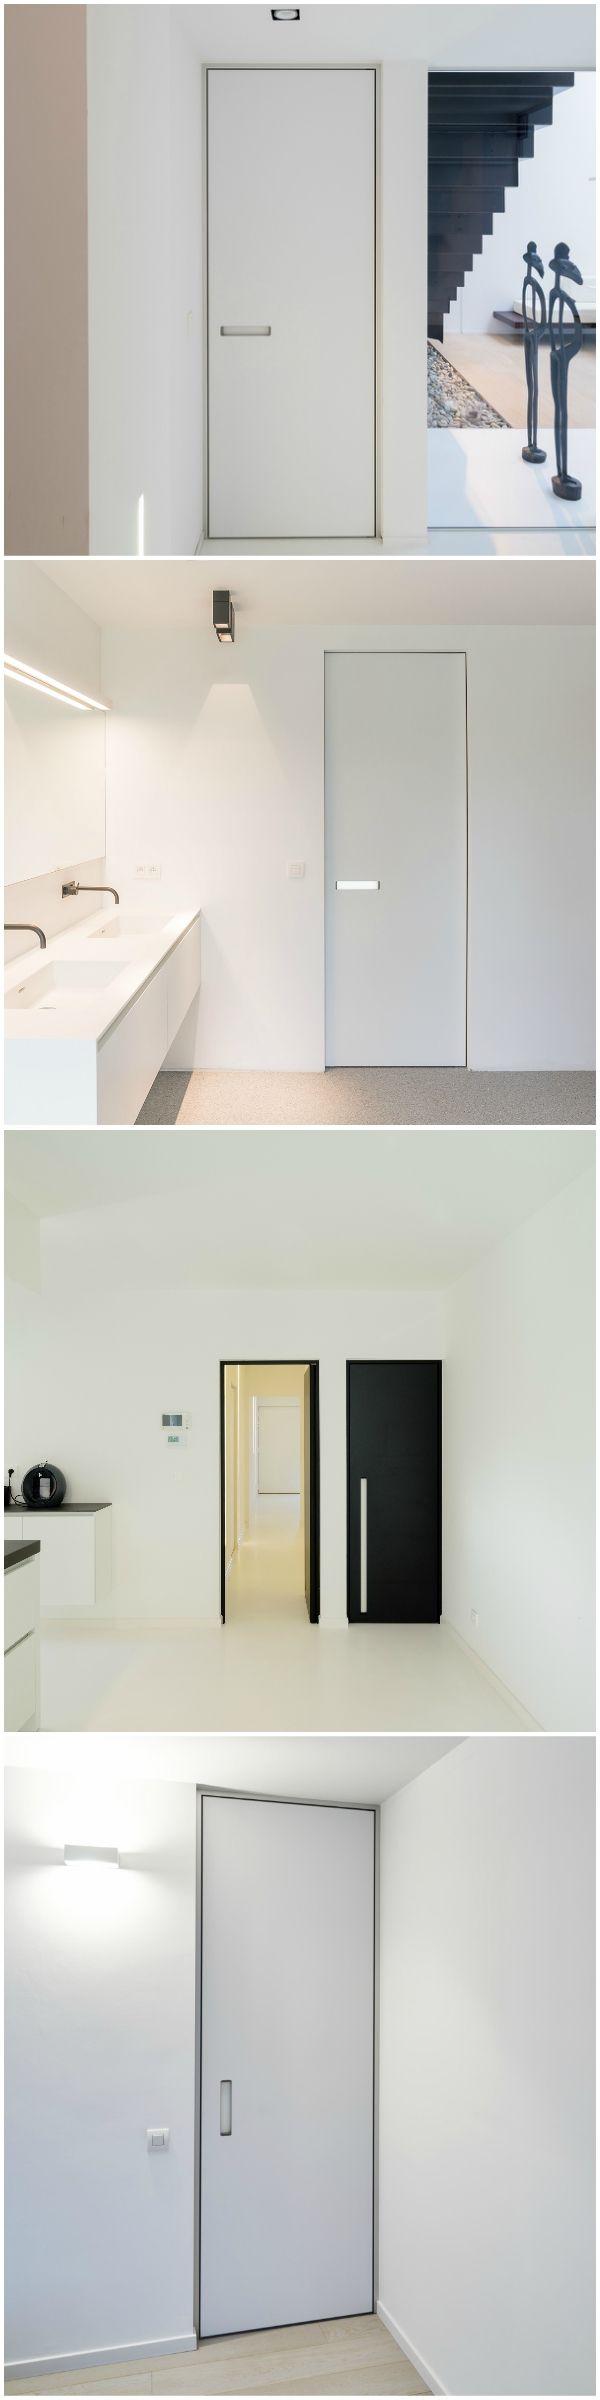 Moderne binnendeuren met ingefreesde handgrepen. De ingebouwde grepen zijn beschikbaar in verschillende versies.